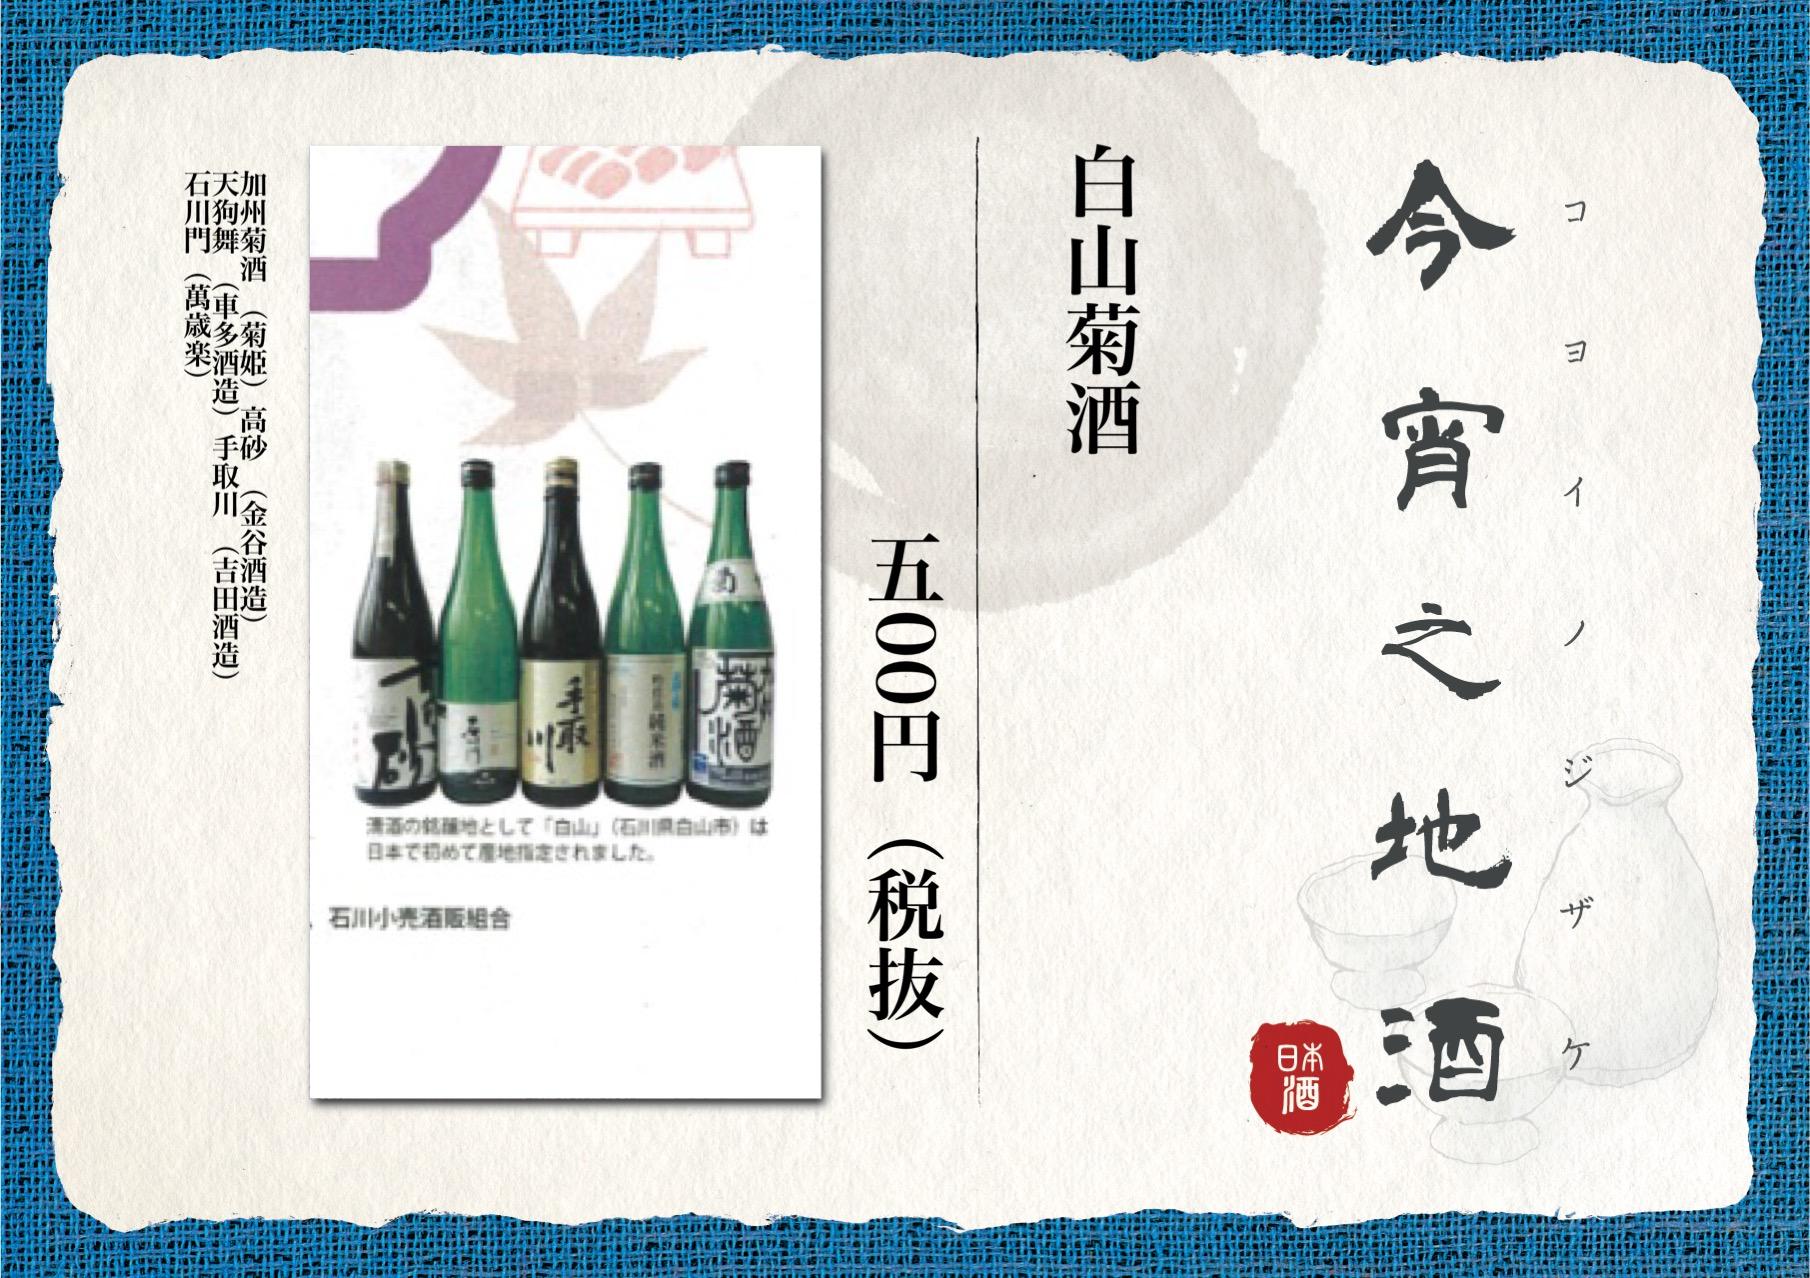 白山菊酒バル開催